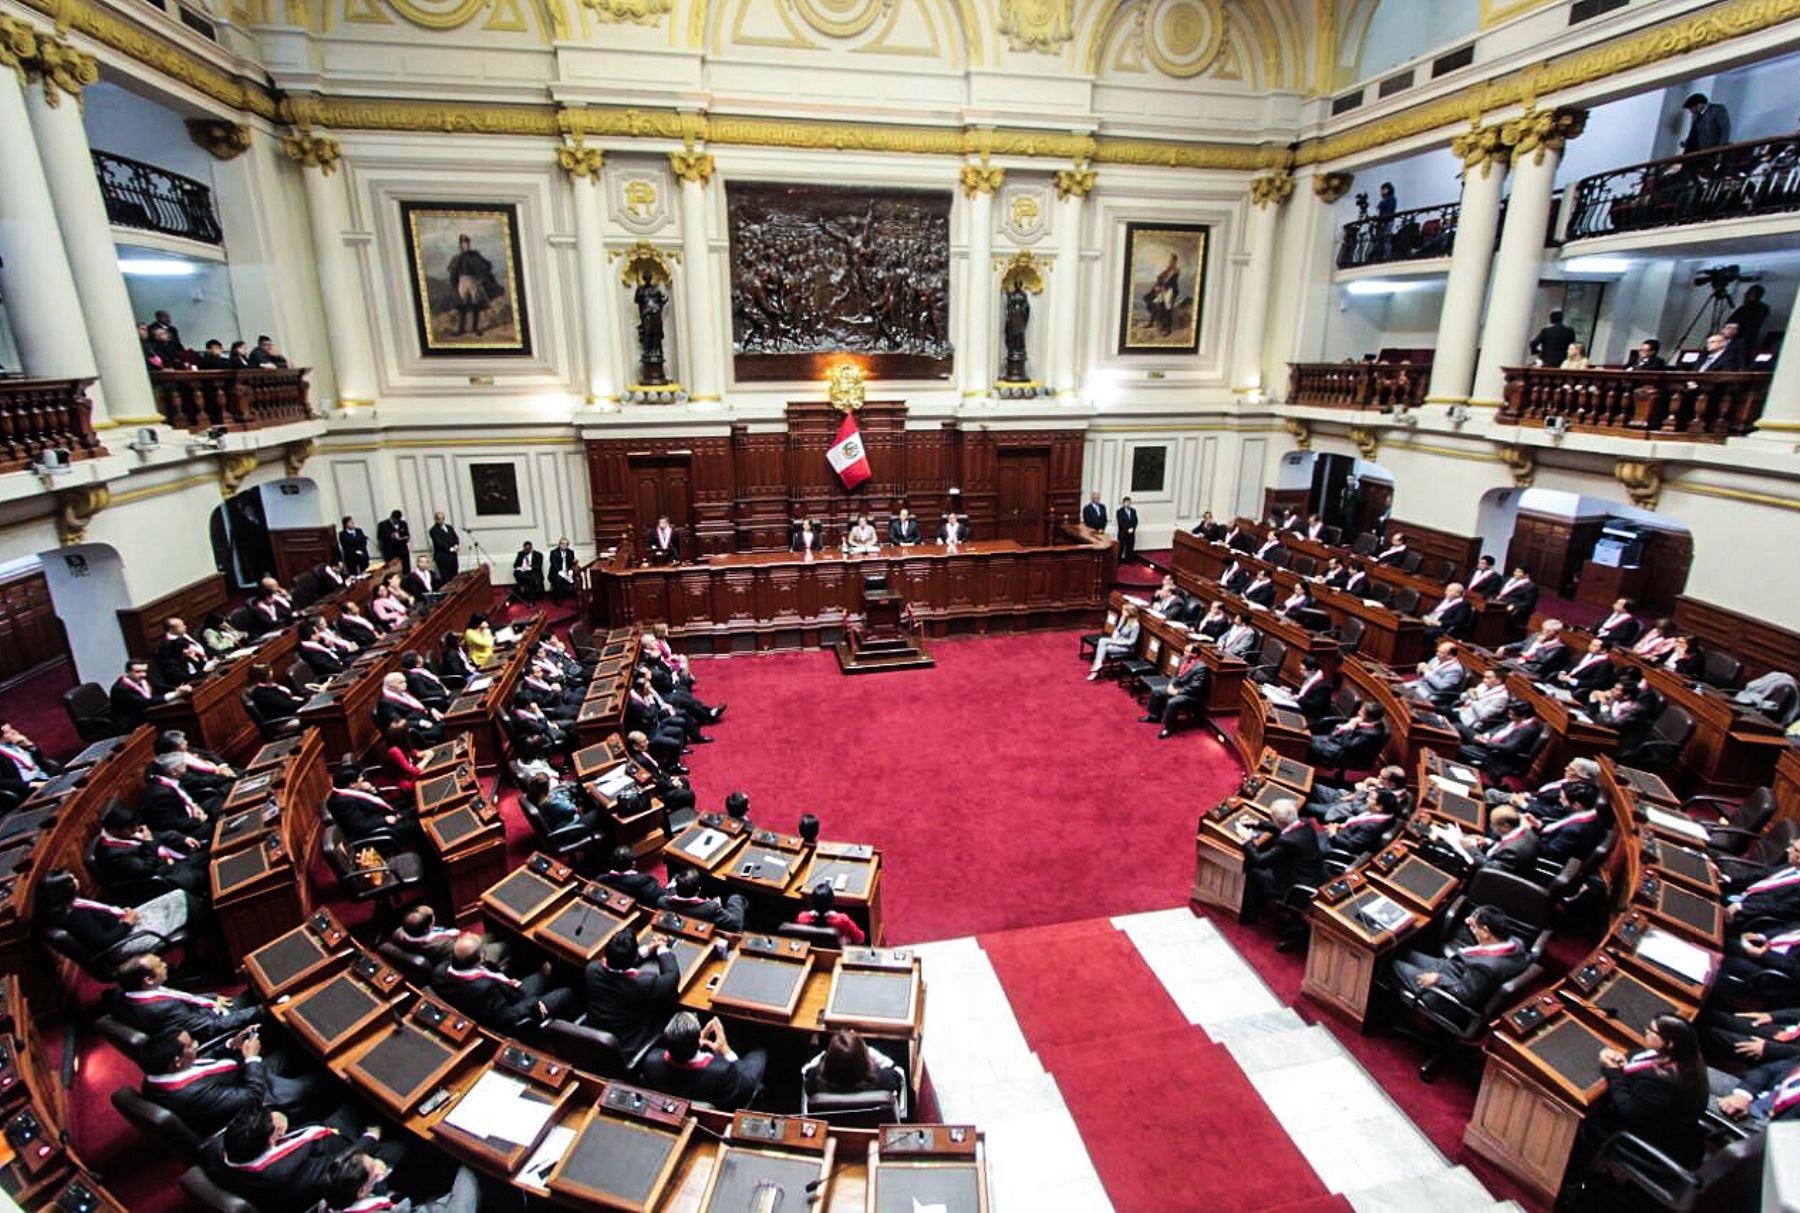 LIMA,PERÚ-SETIEMBRE 22. Pleno del Congreso de la República celebra el 194 aniversario de su creación en el hemiciclo. Foto: ANDINA/ Dante Zegarra